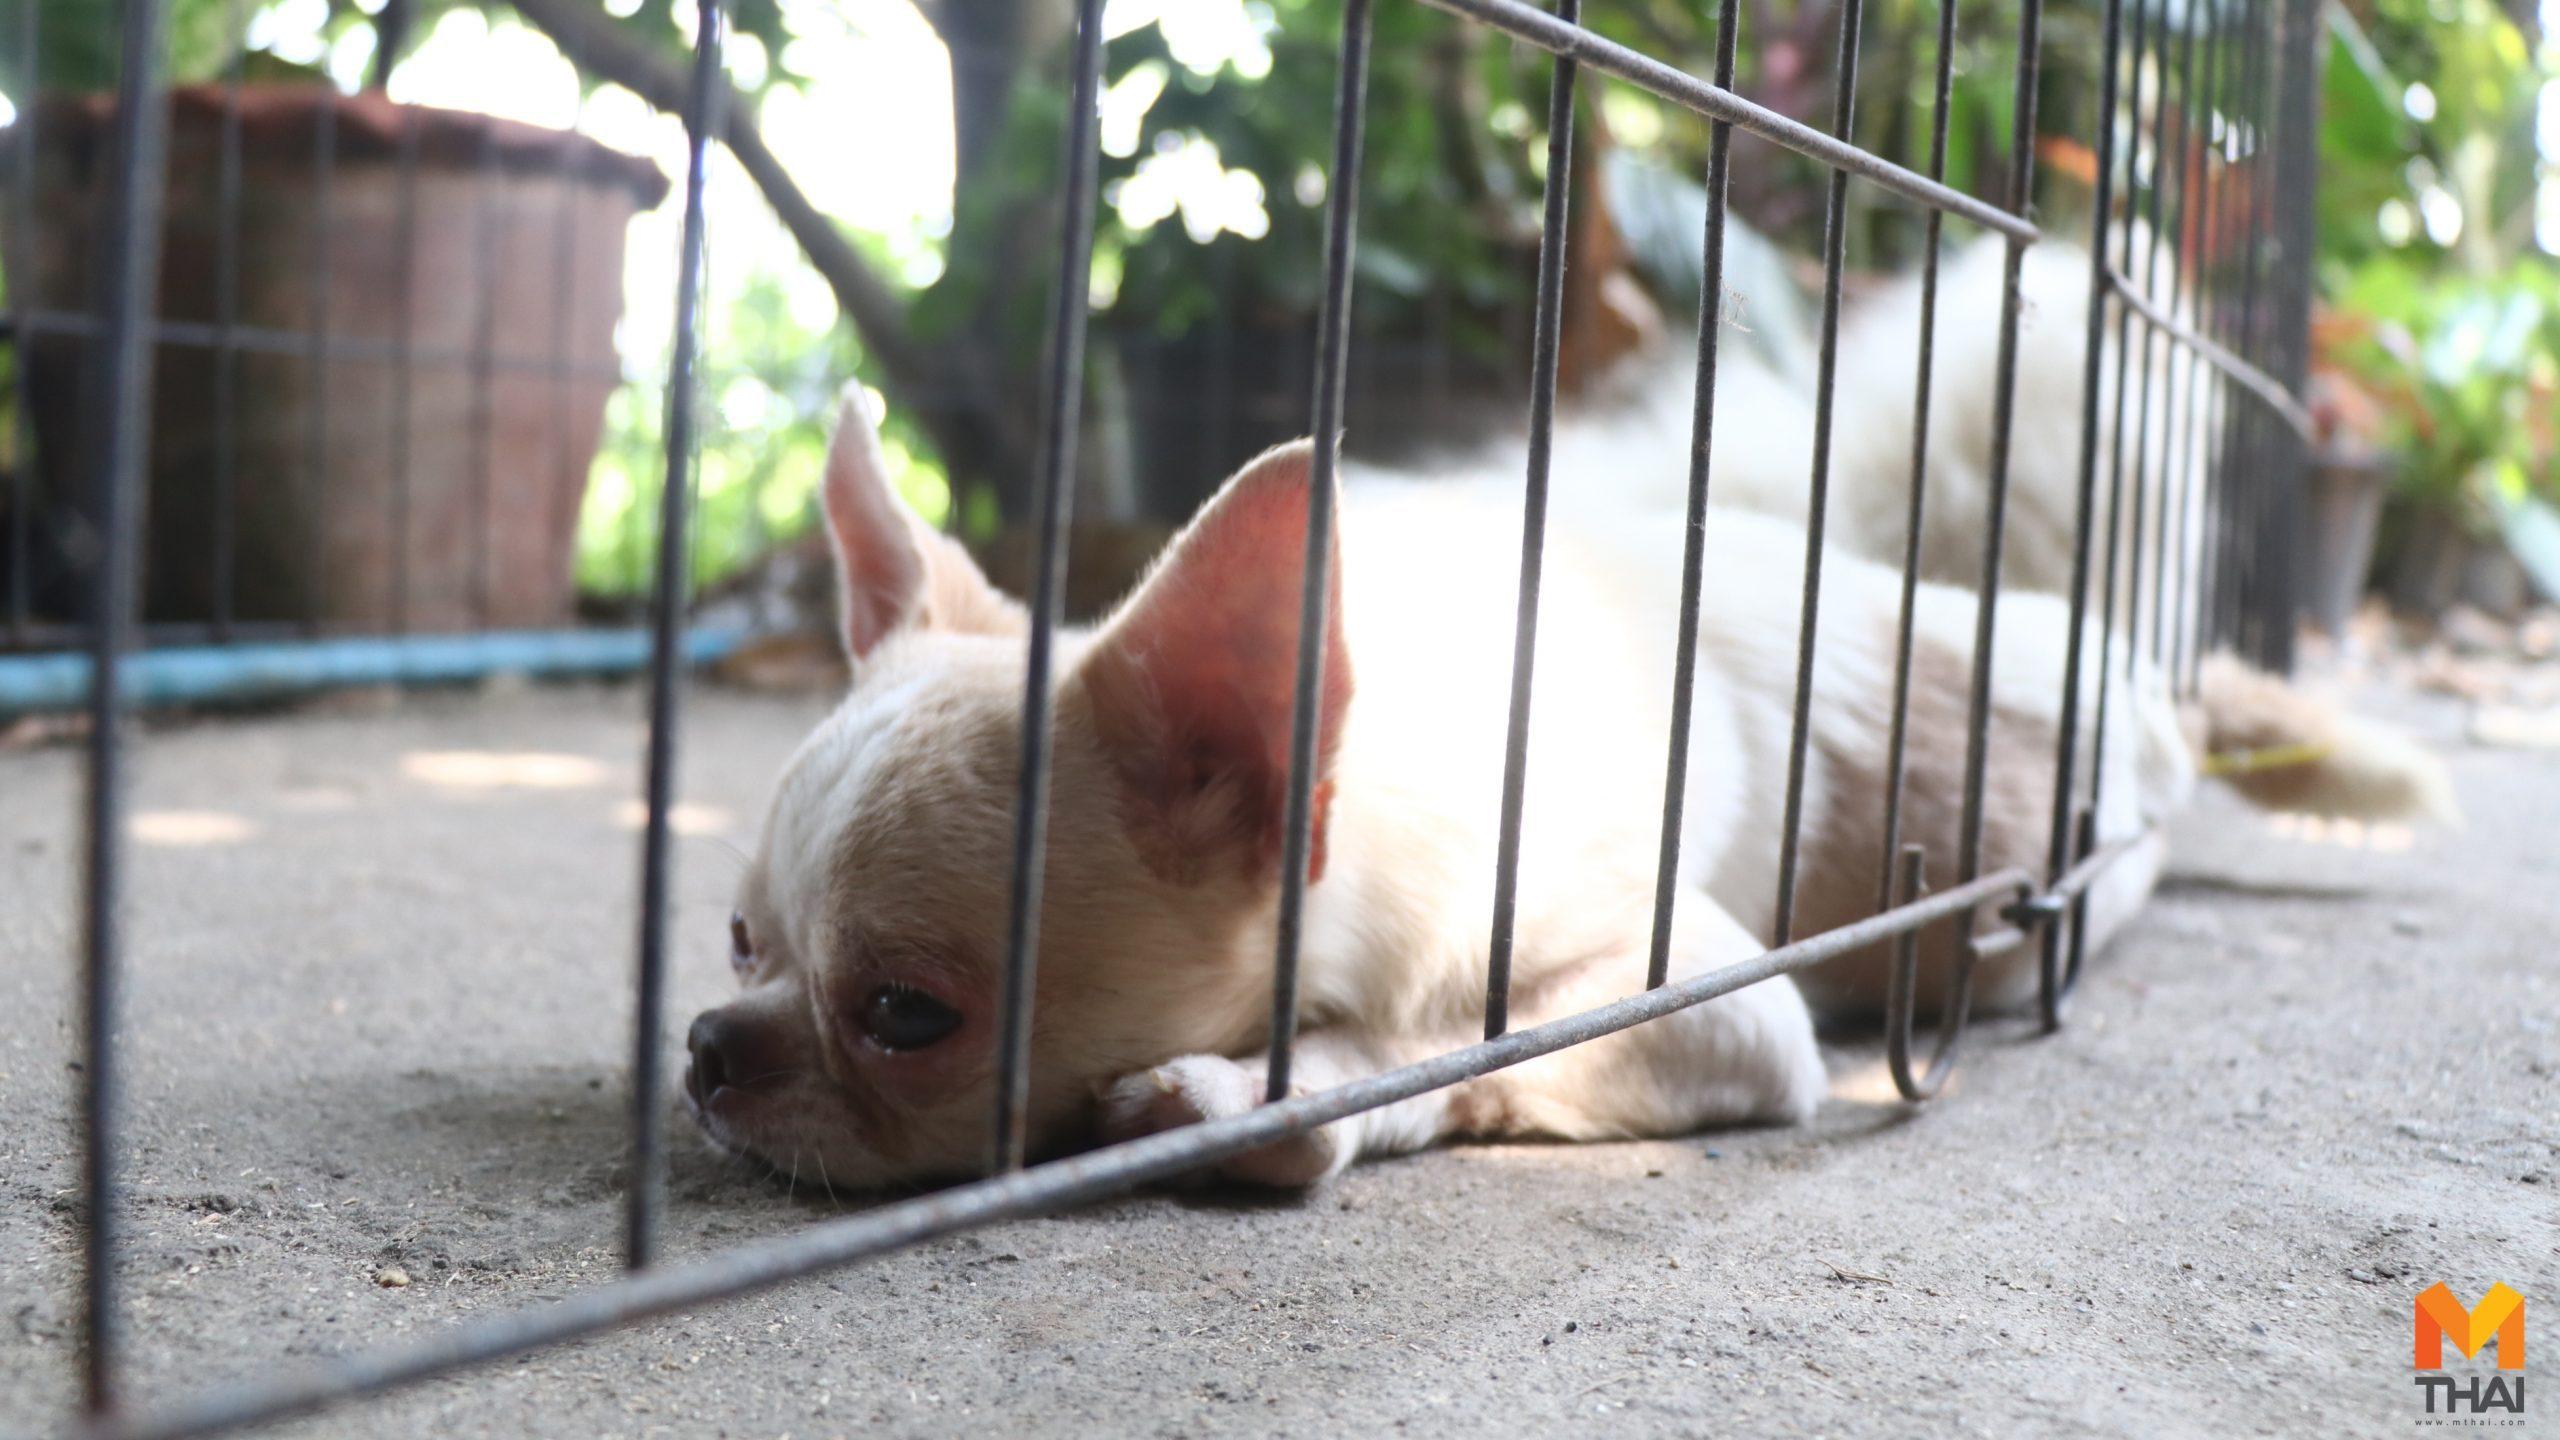 ปศุสัตว์บุกช่วยสุนัขกว่า 40ตัว แฉที่เลี้ยงไม่เหมาะสมแถมเพาะขายด้วย